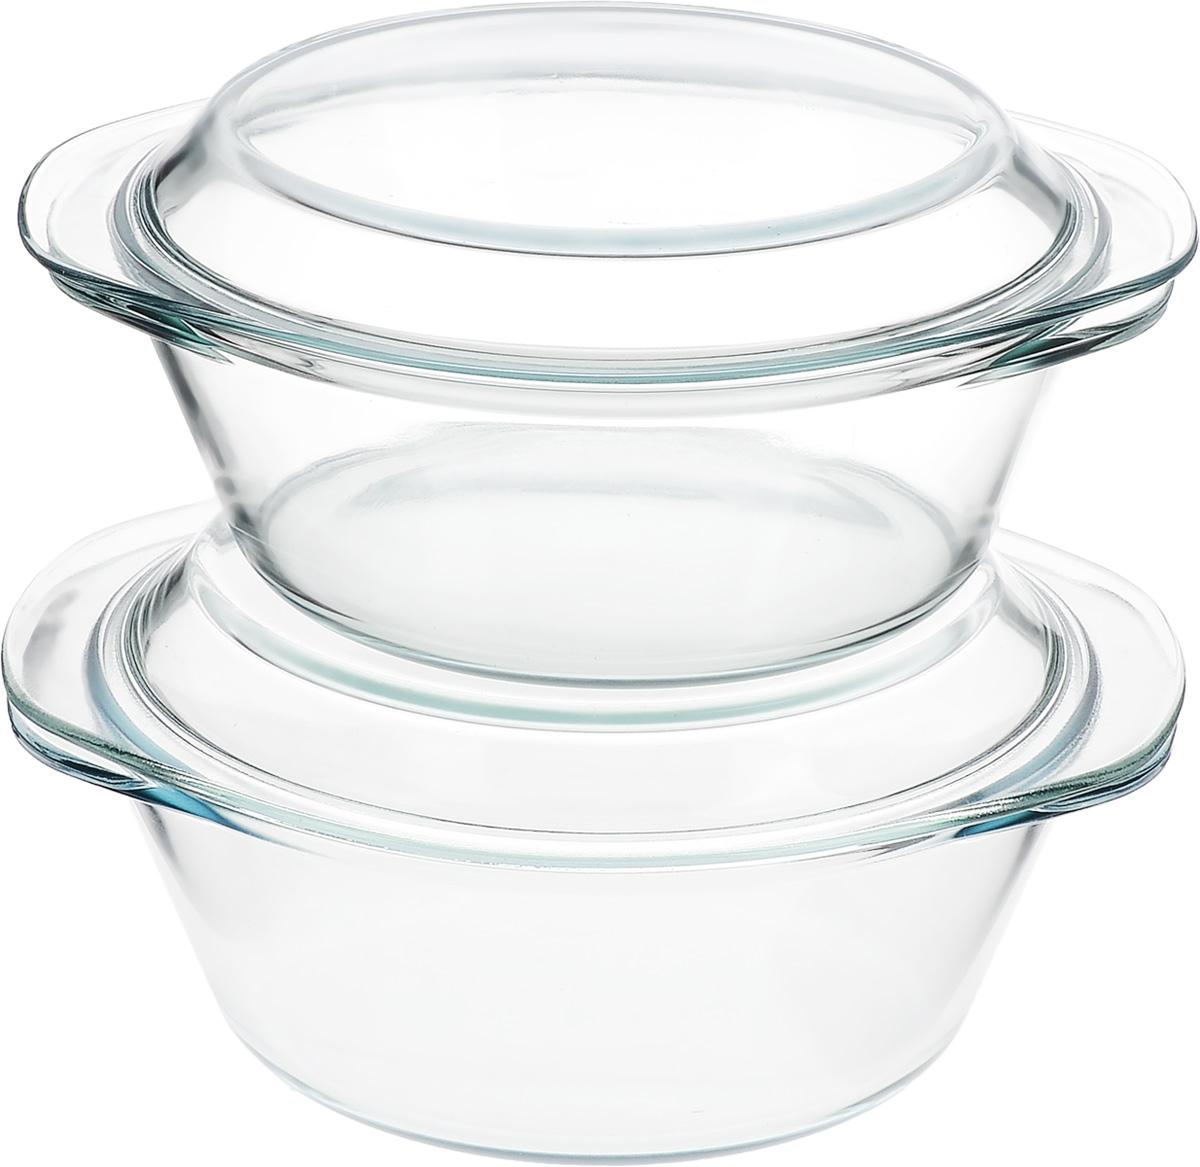 Набор кастрюль Helper Gurman, с крышками, 4 предмета. 45124512Набор Helper Gurman состоит из двух кастрюль с крышками. Кастрюли изготовлены из жаропрочного стекла. Стеклянная огнеупорная посуда идеальна для приготовления блюд в духовке, микроволновой печи, а также для хранения продуктов в холодильнике и морозильной камере. Безопасна с точки зрения экологии. Не вступает в реакции с готовящейся пищей, не боится кислот и солей. Не ржавеет, в ней не появляется накипь. Не впитывает запахи и жир. Благодаря прозрачности стекла, за едой можно наблюдать при ее готовке. Изделия оснащены небольшими ручками.Можно мыть в посудомоечной машине.Объем кастрюль: 1,8 л, 2,3 л.Диаметр кастрюль: 21 см, 22 см.Высота стенки кастрюль: 7,5 см, 8,5 см.